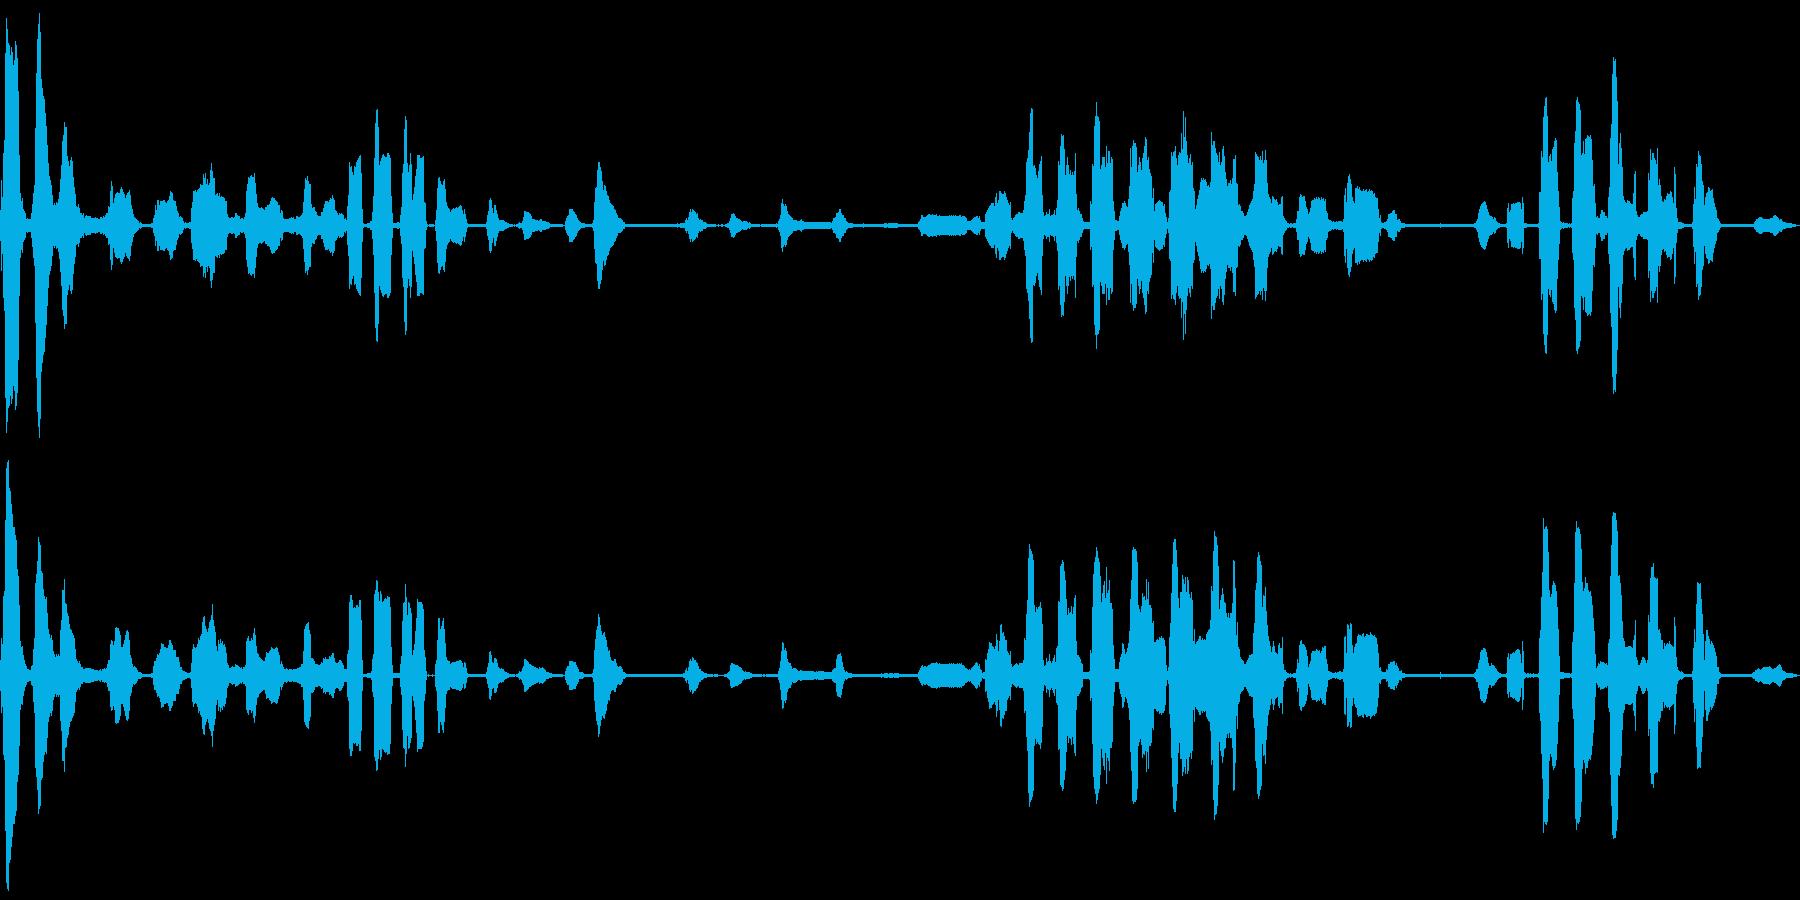 ウミネコの鳴き声(ミャアミャア)の再生済みの波形